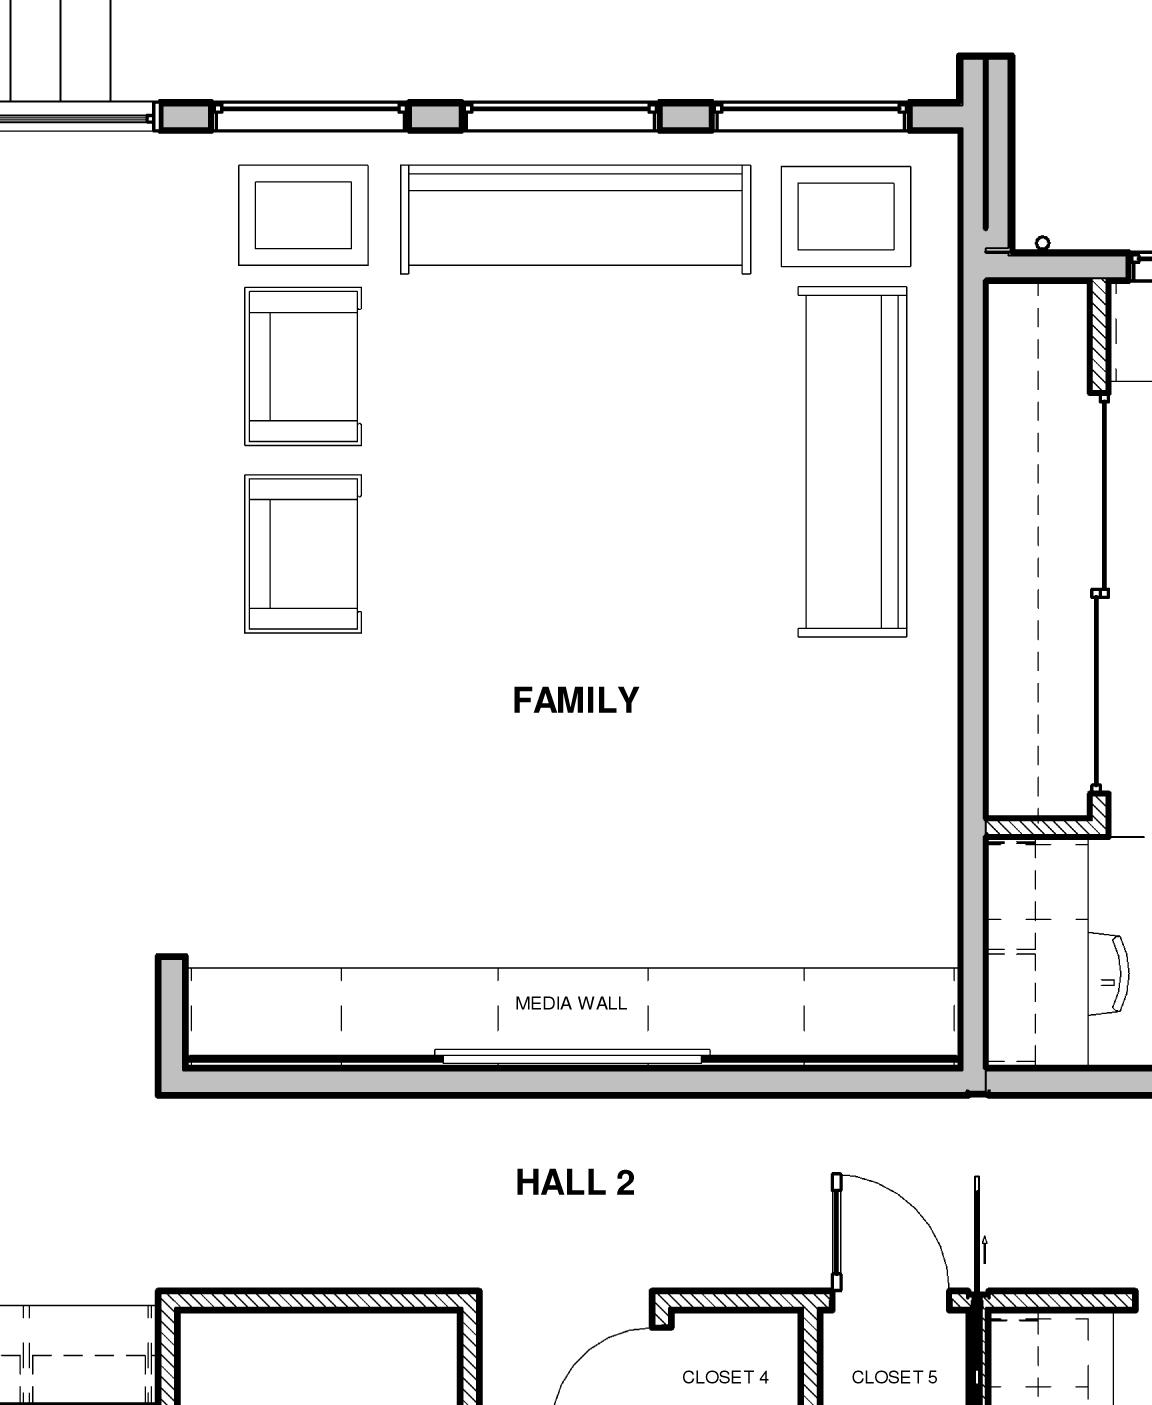 Floor Plan - Media Wall